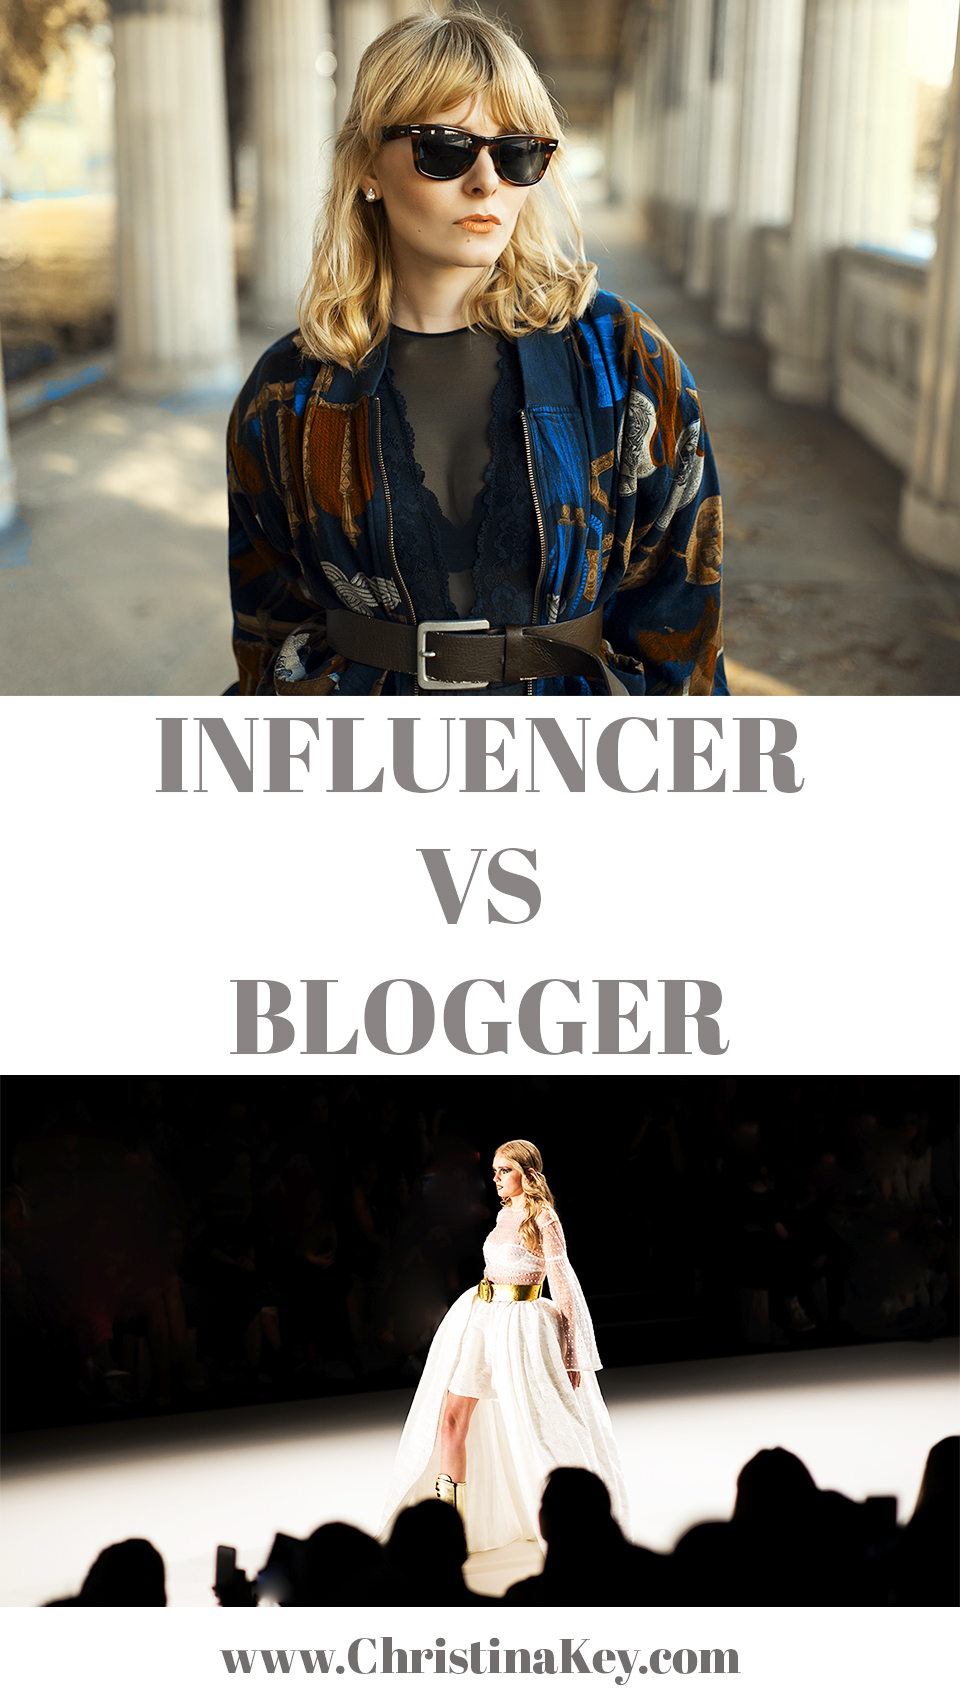 Influencer vs Blogger